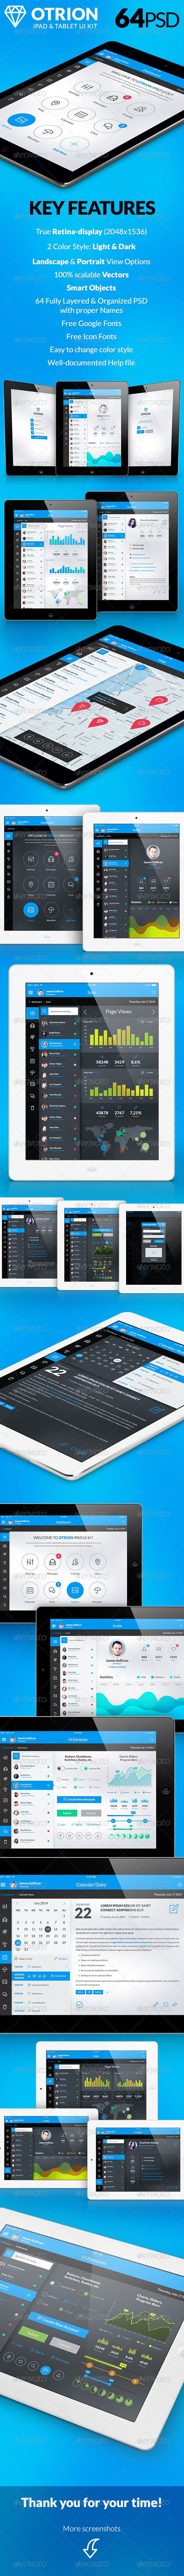 Otrion - iPad & Tablet App Design UI Kit